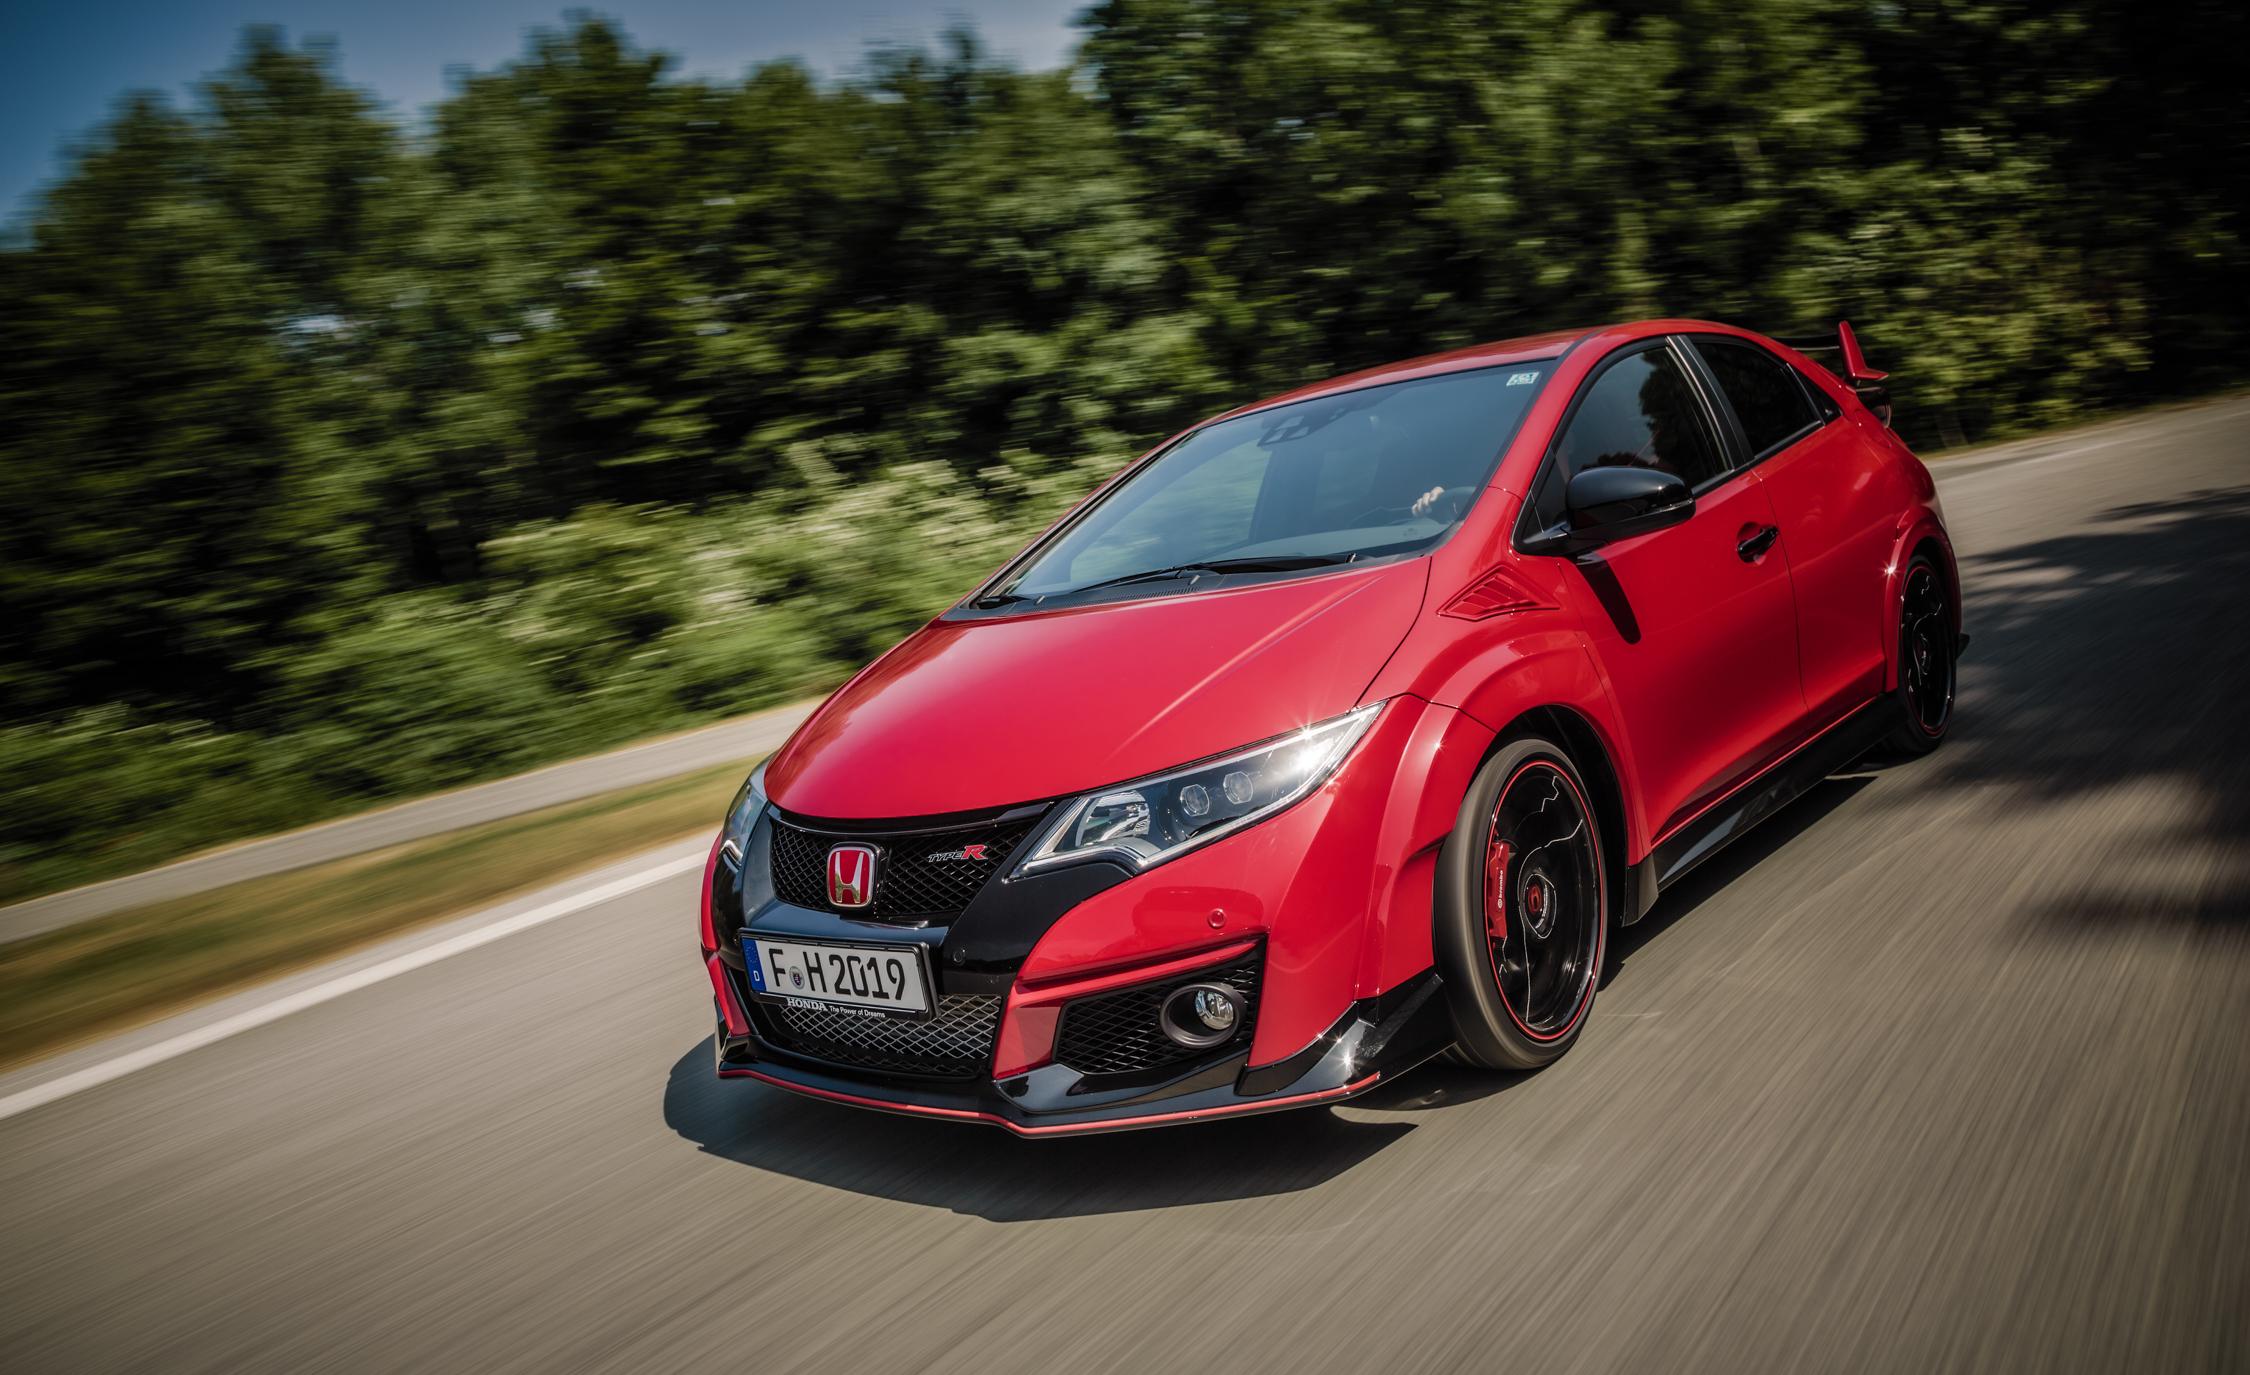 New 2015 Honda Civic Type R